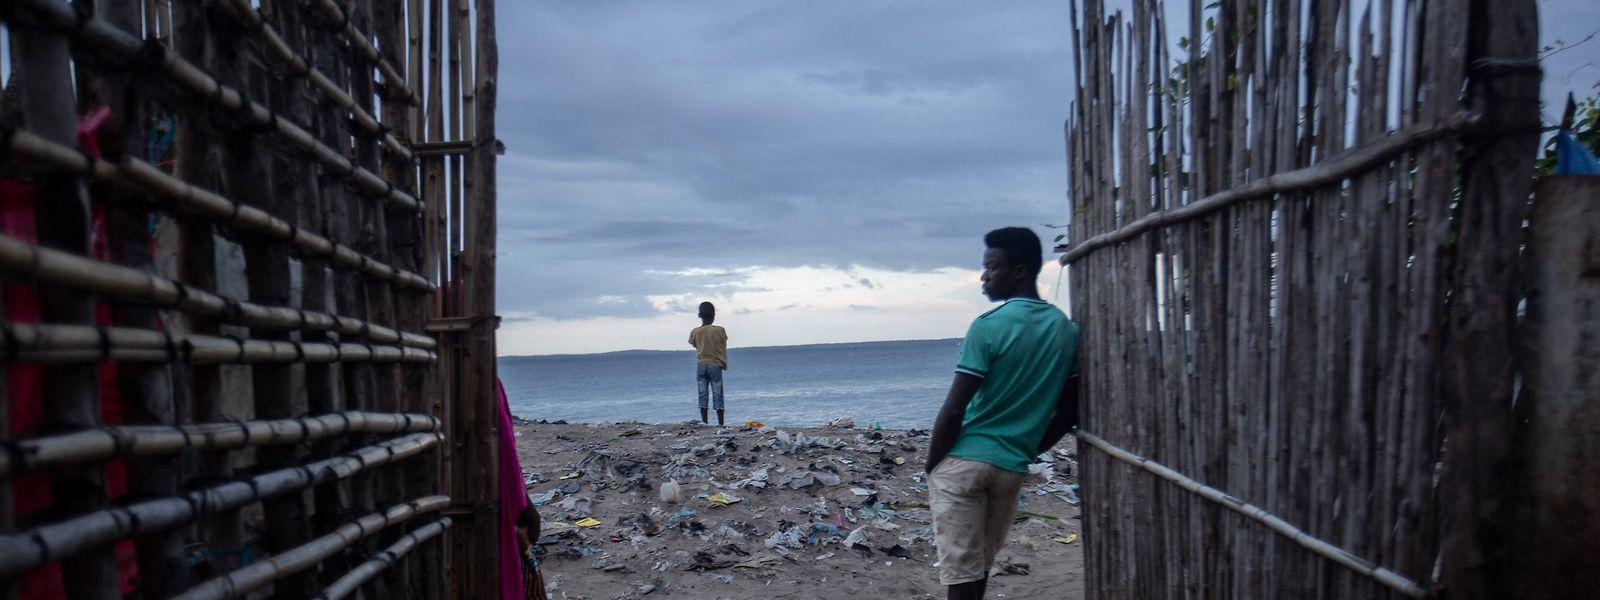 Habitantes locais no porto de Paquitequete onde se aguarda a chegada de deslocados oriundos das vilas de Palma e Afungi. Estas duas localidades foram alvo de ataques de grupos terroristas armados na última semana.